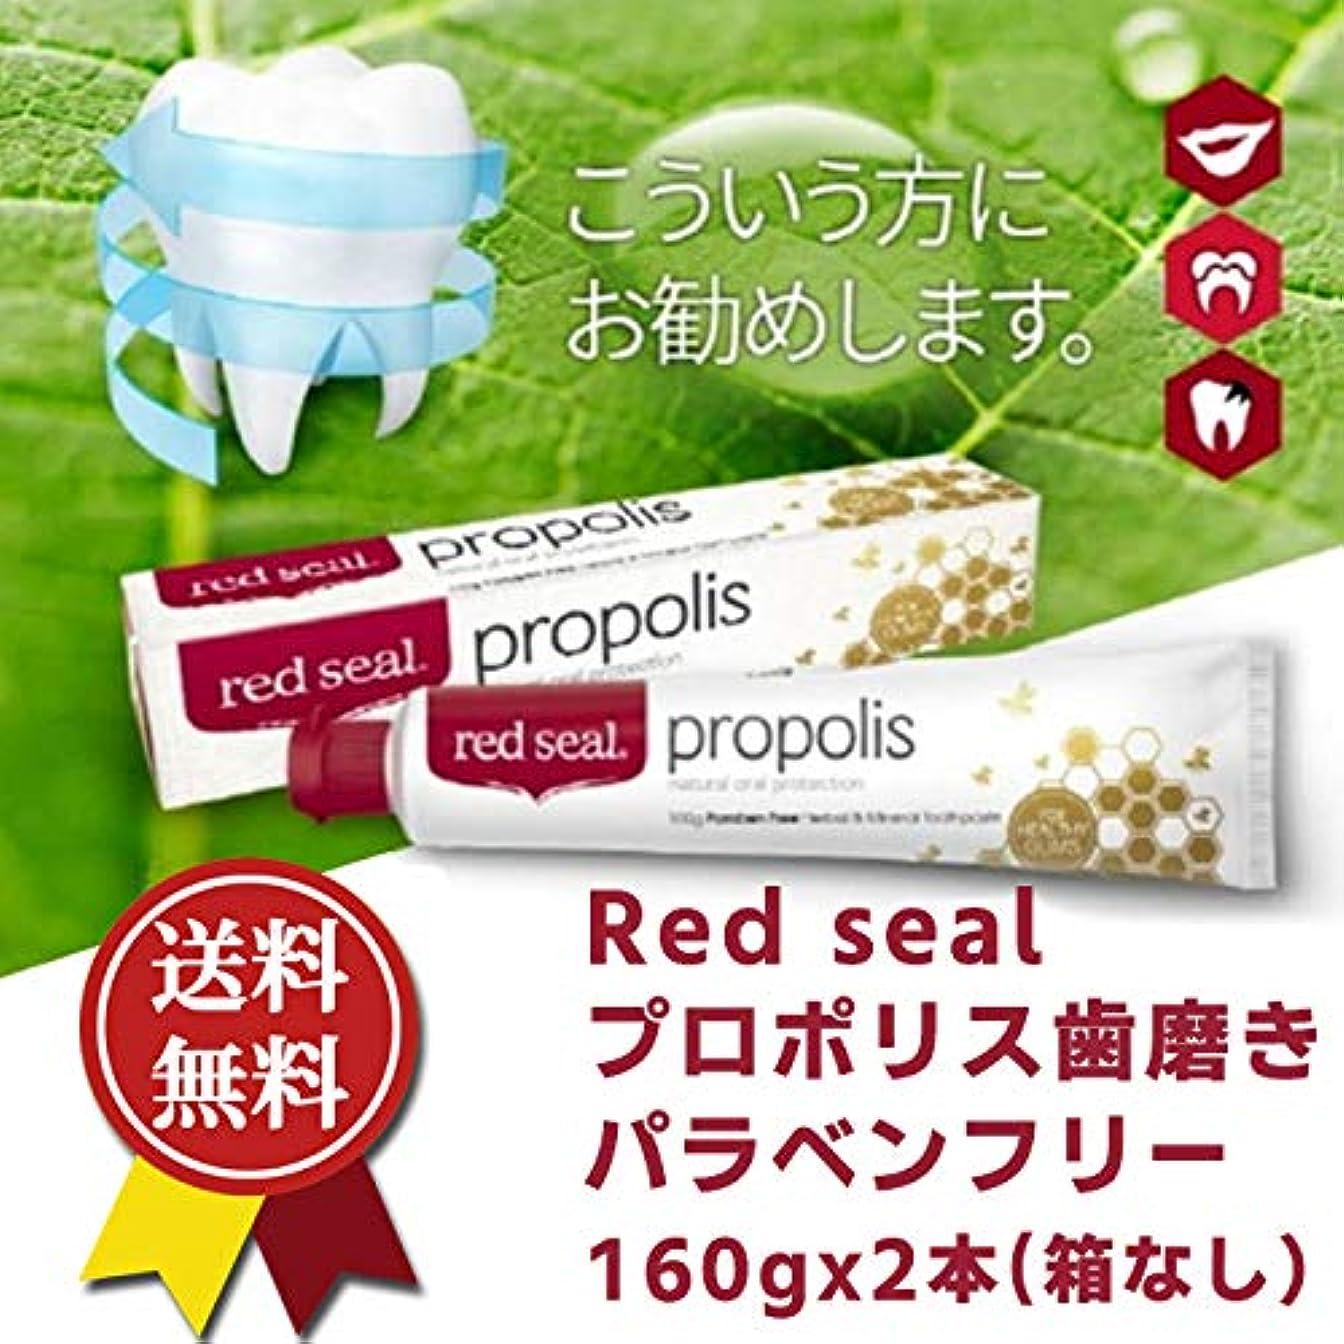 影おスカルク★送料無料★red seal レッドシール プロポリス 歯磨き粉 160gx2本 RED SEAL Propolis Toothpaste